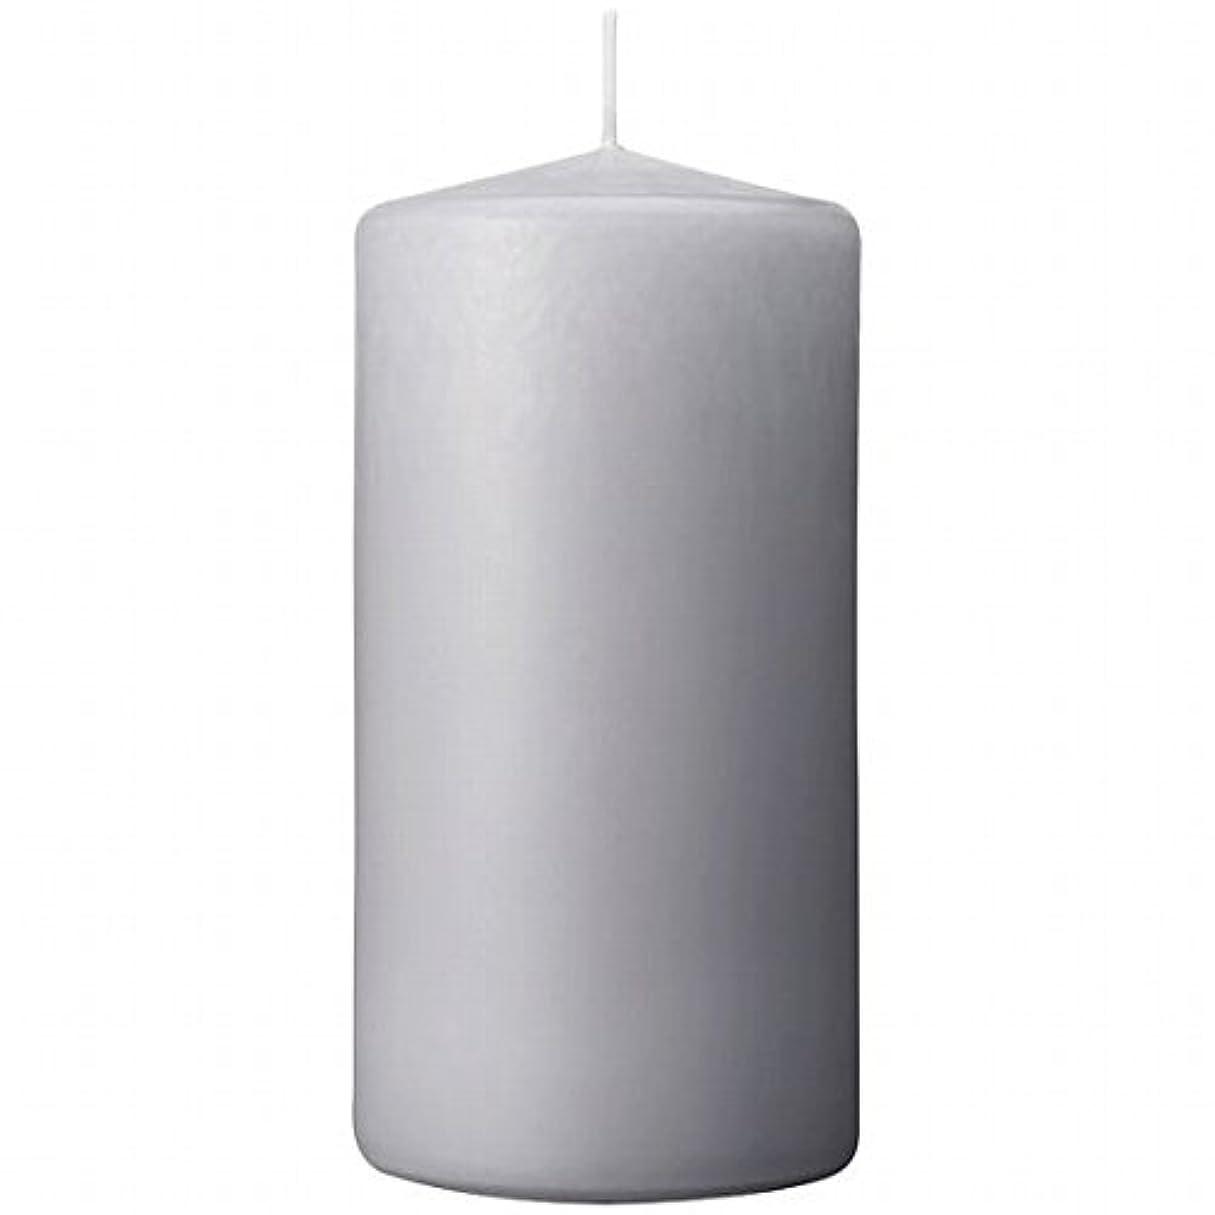 カメヤマキャンドル(kameyama candle) 3×6ベルトップピラーキャンドル 「 ライトグレー 」